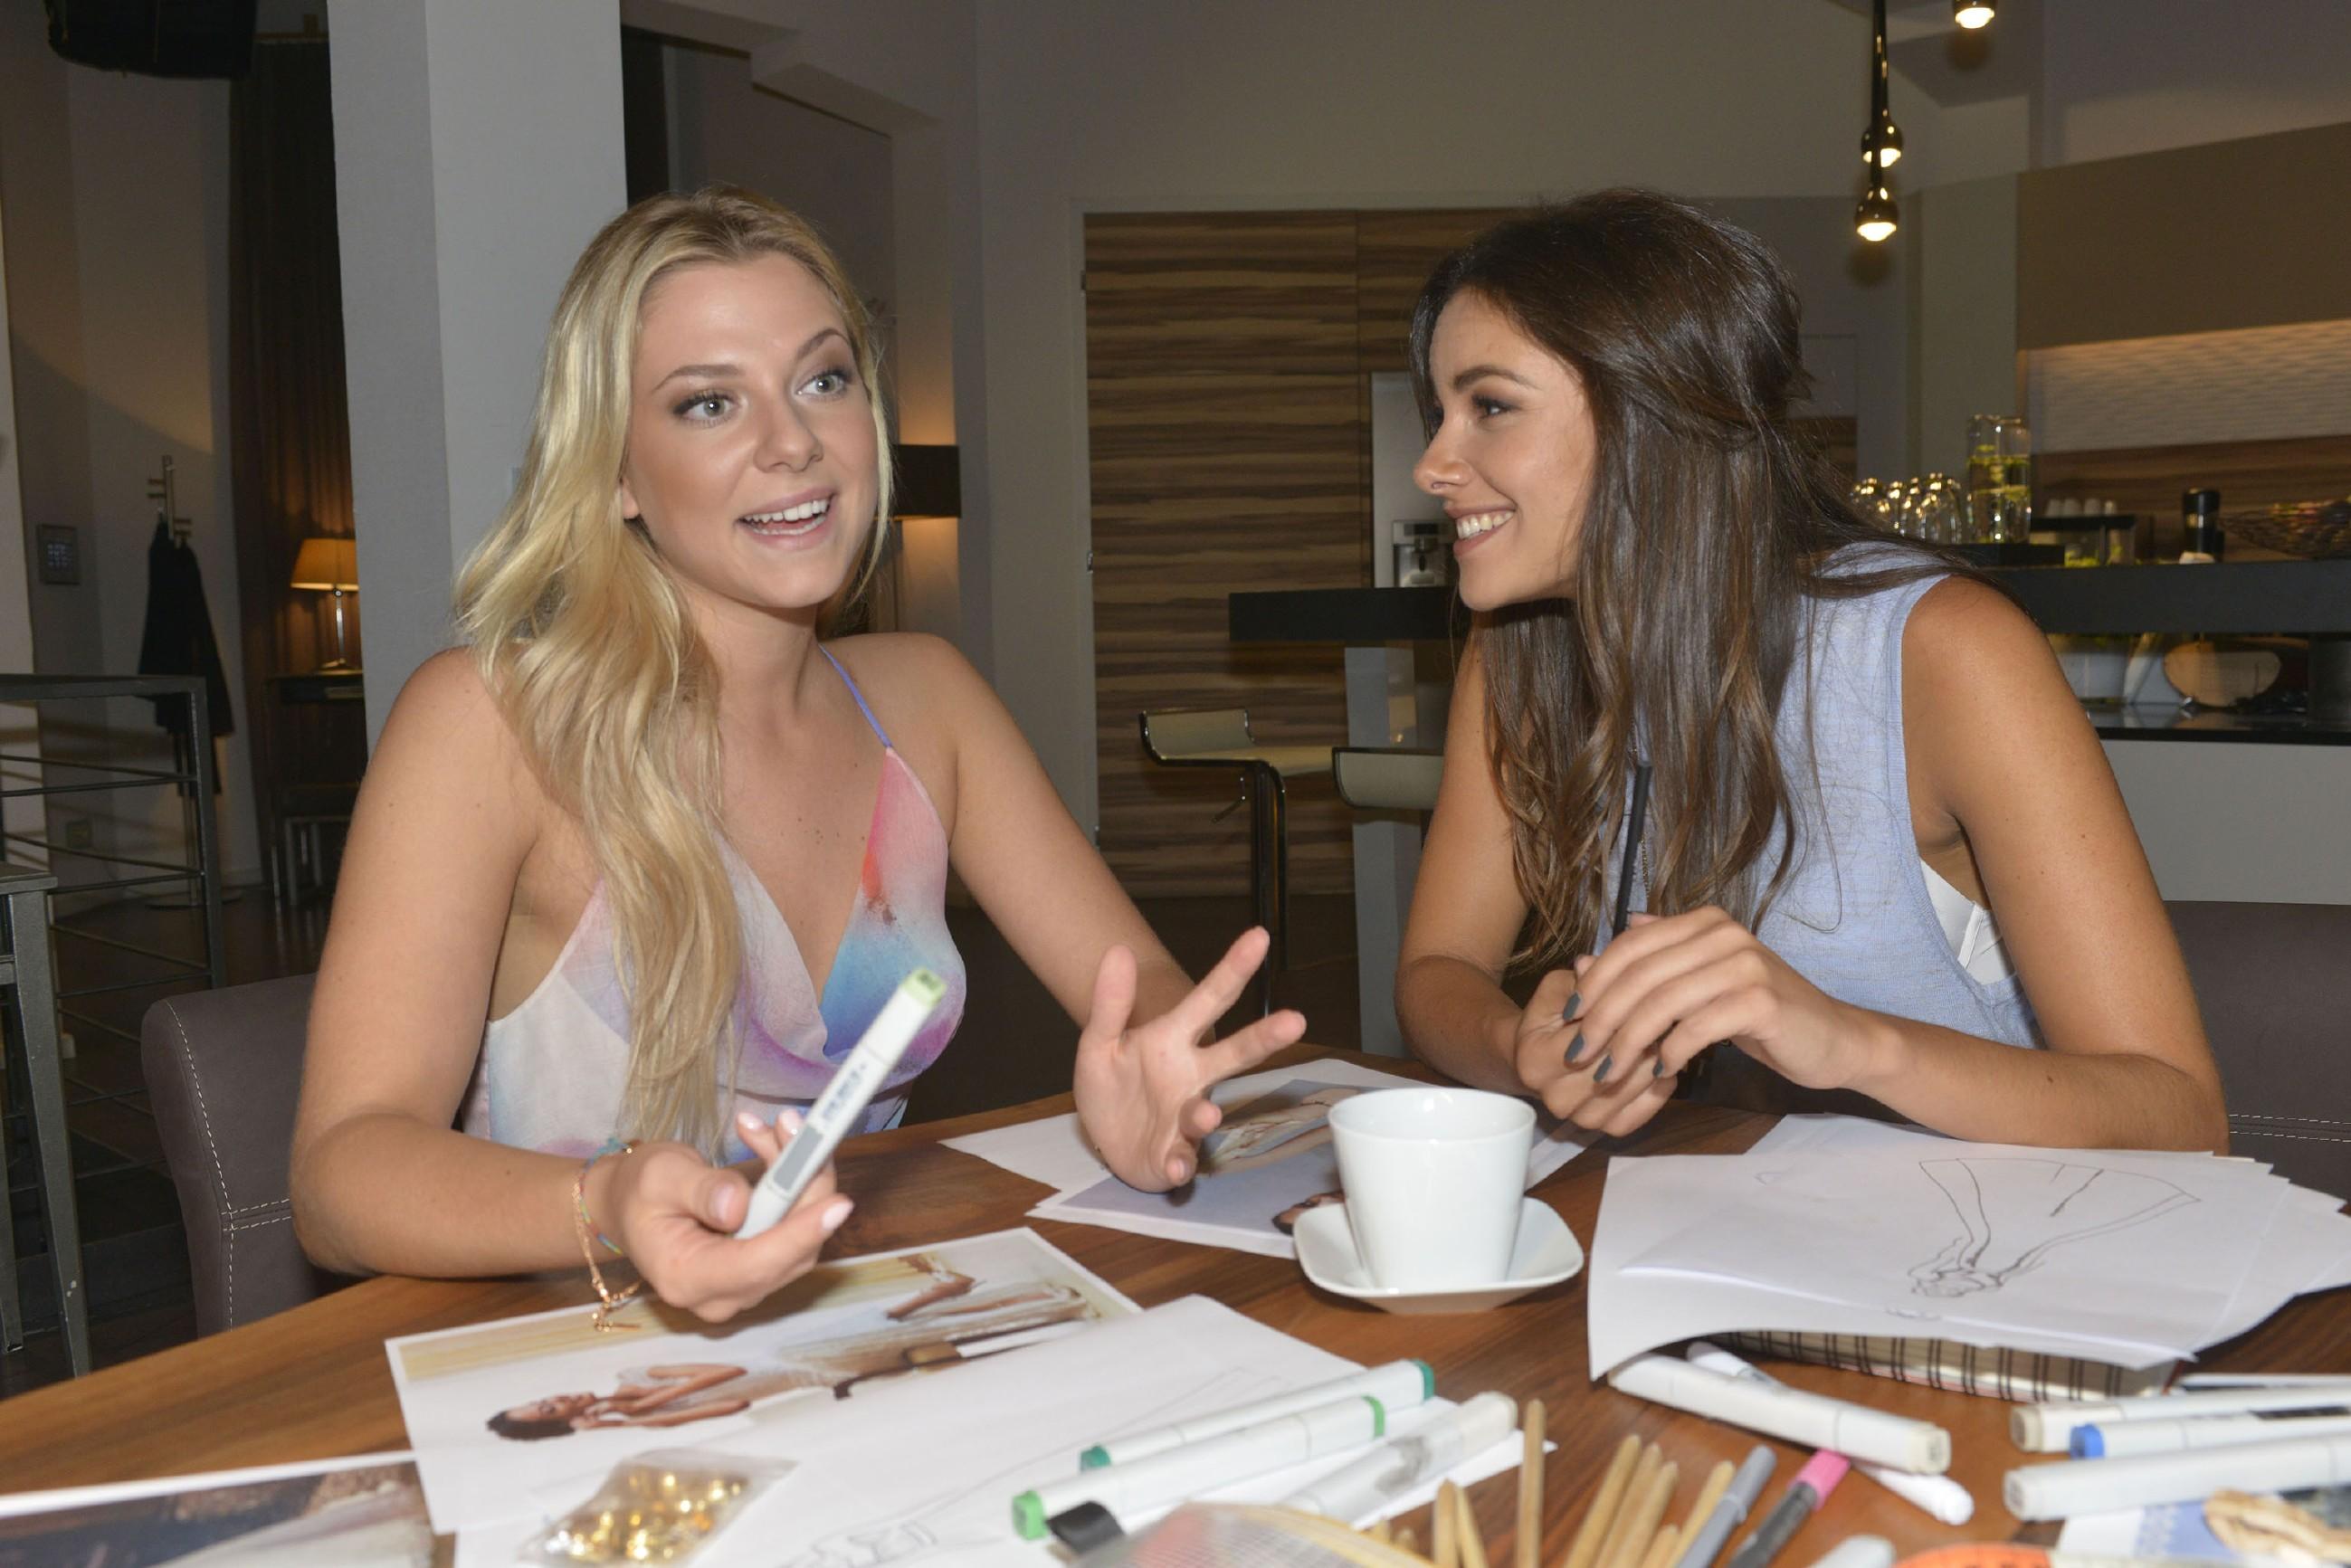 Jasmin (Janina Uhse, r.) freut sich, dass Sunnys (Valentina Pahde) Selbstbewusstsein offenbar wieder gestiegen ist. (Quelle: RTL / Rolf Baumgartner)